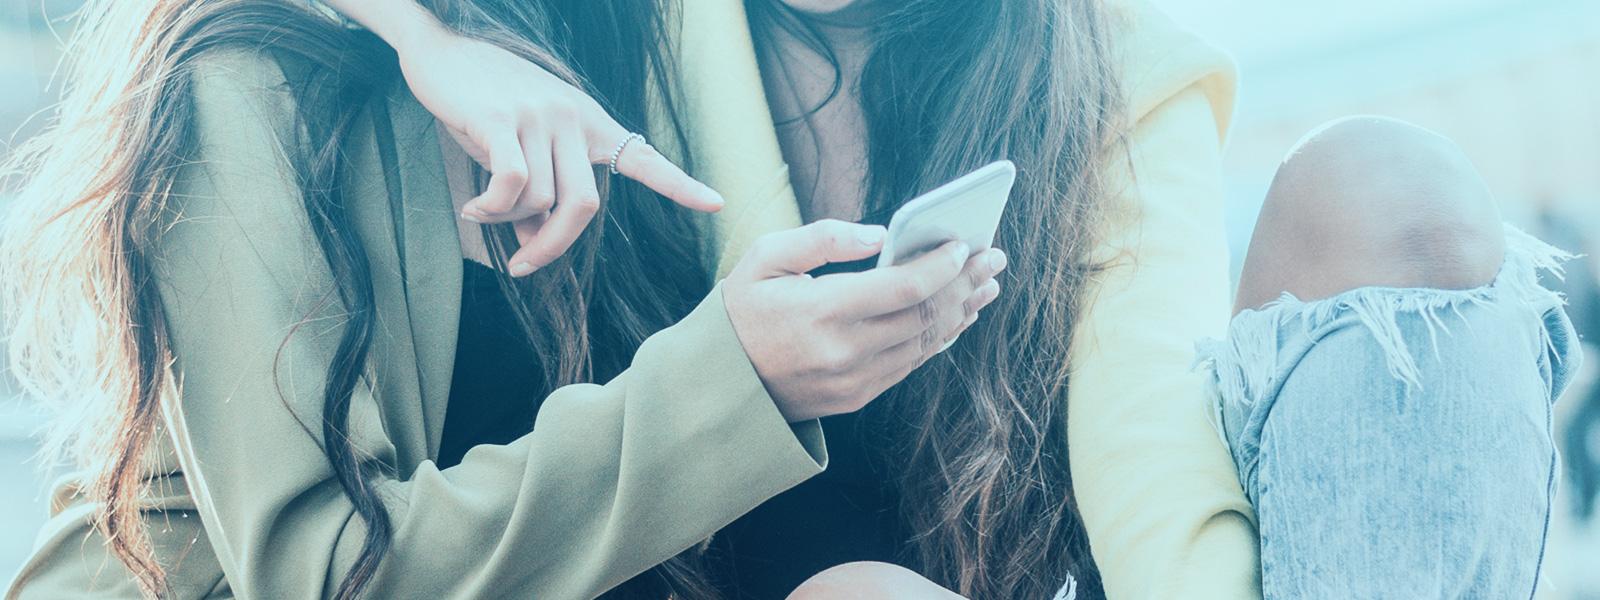 ceabs-blog-troque-me-avisa-quando-chegar-pelo-app-cade-voce